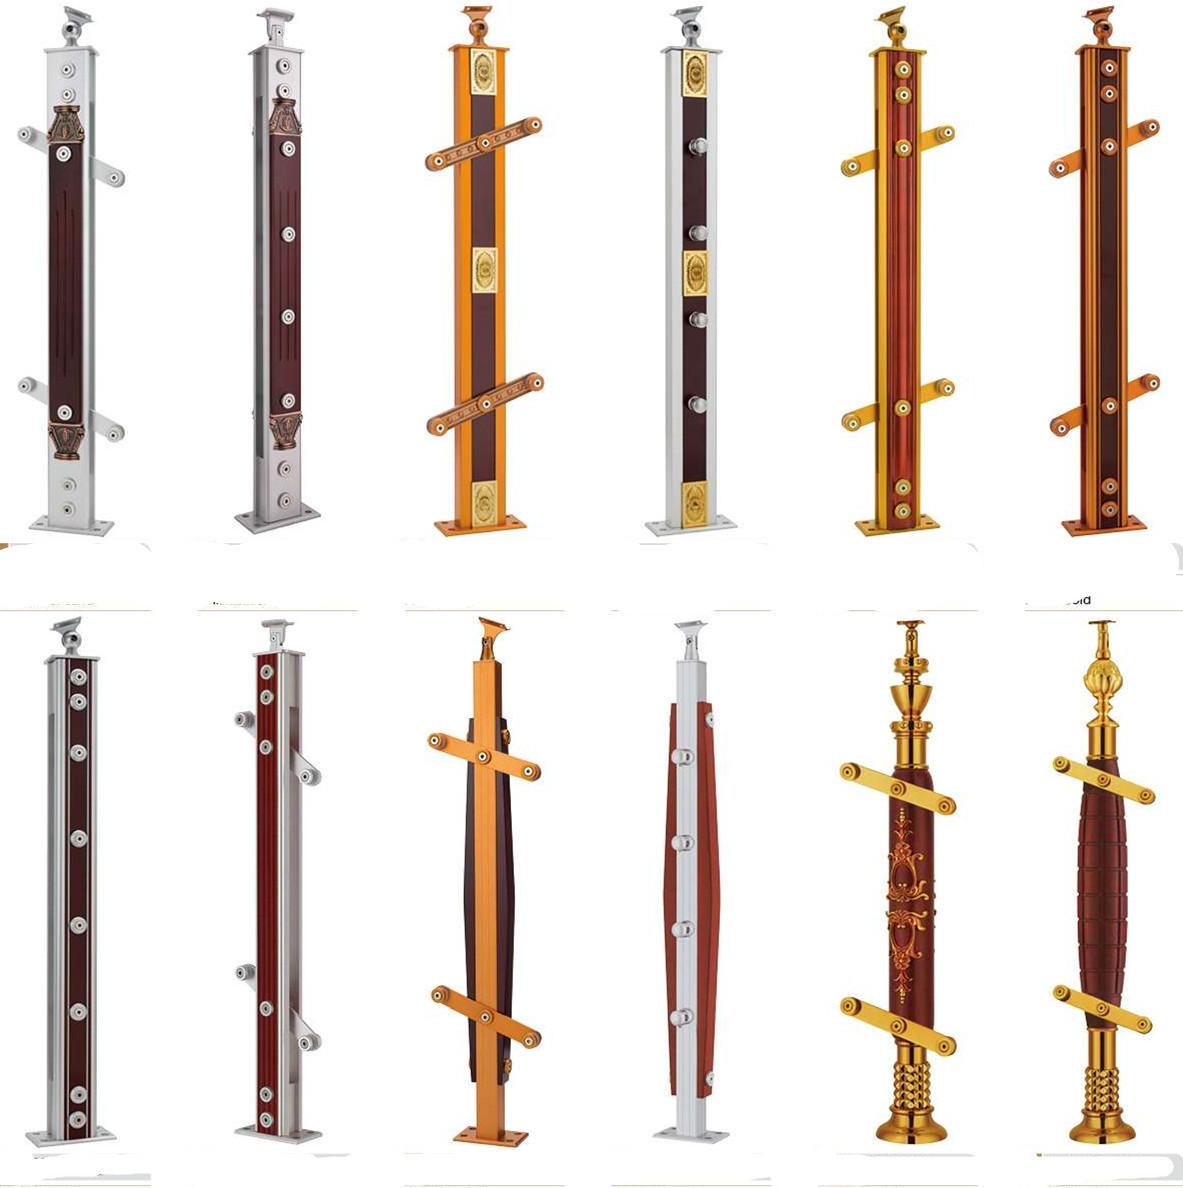 【在梯艺方】铝镁合金夹木楼梯立柱砂金栏杆扶手2082